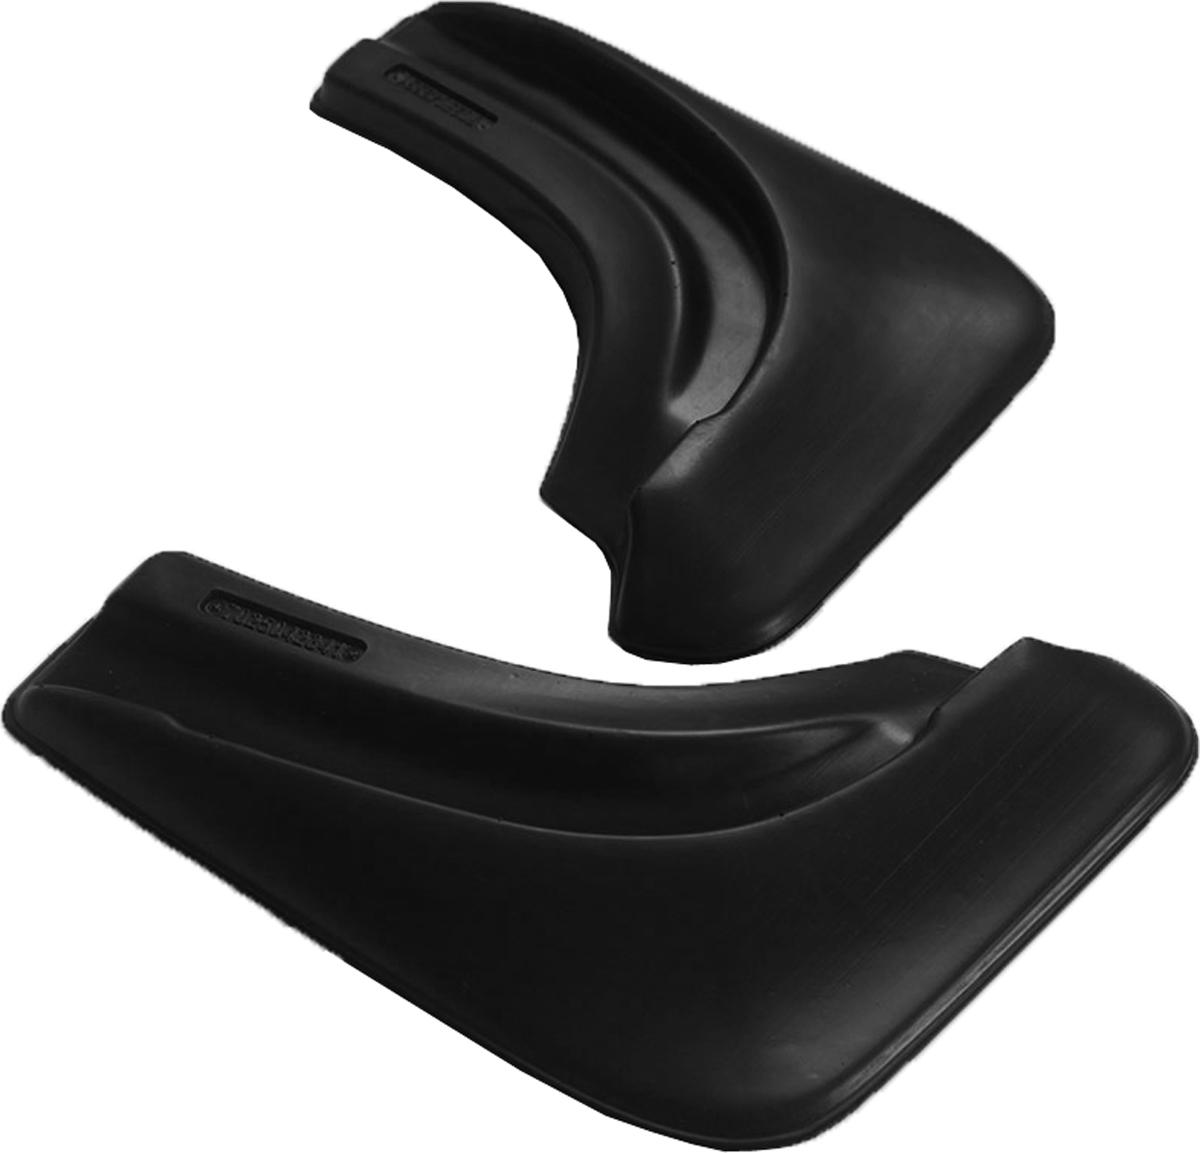 Комплект задних брызговиков L.Locker, для Geely Emgrand X7 (11-)2706 (ПО)Брызговики L.Locker изготовлены из высококачественного полиуретана. Уникальный состав брызговиков допускает их эксплуатацию в широком диапазоне температур: от -50°С до +80°С. Эффективно защищают кузов автомобиля от грязи и воды - формируют аэродинамический поток воздуха, создаваемый при движении вокруг кузова таким образом, чтобы максимально уменьшить образование грязевой измороси, оседающей на автомобиле. Разработаны индивидуально для каждой модели автомобиля, с эстетической точки зрения брызговики являются завершением колесной арки.